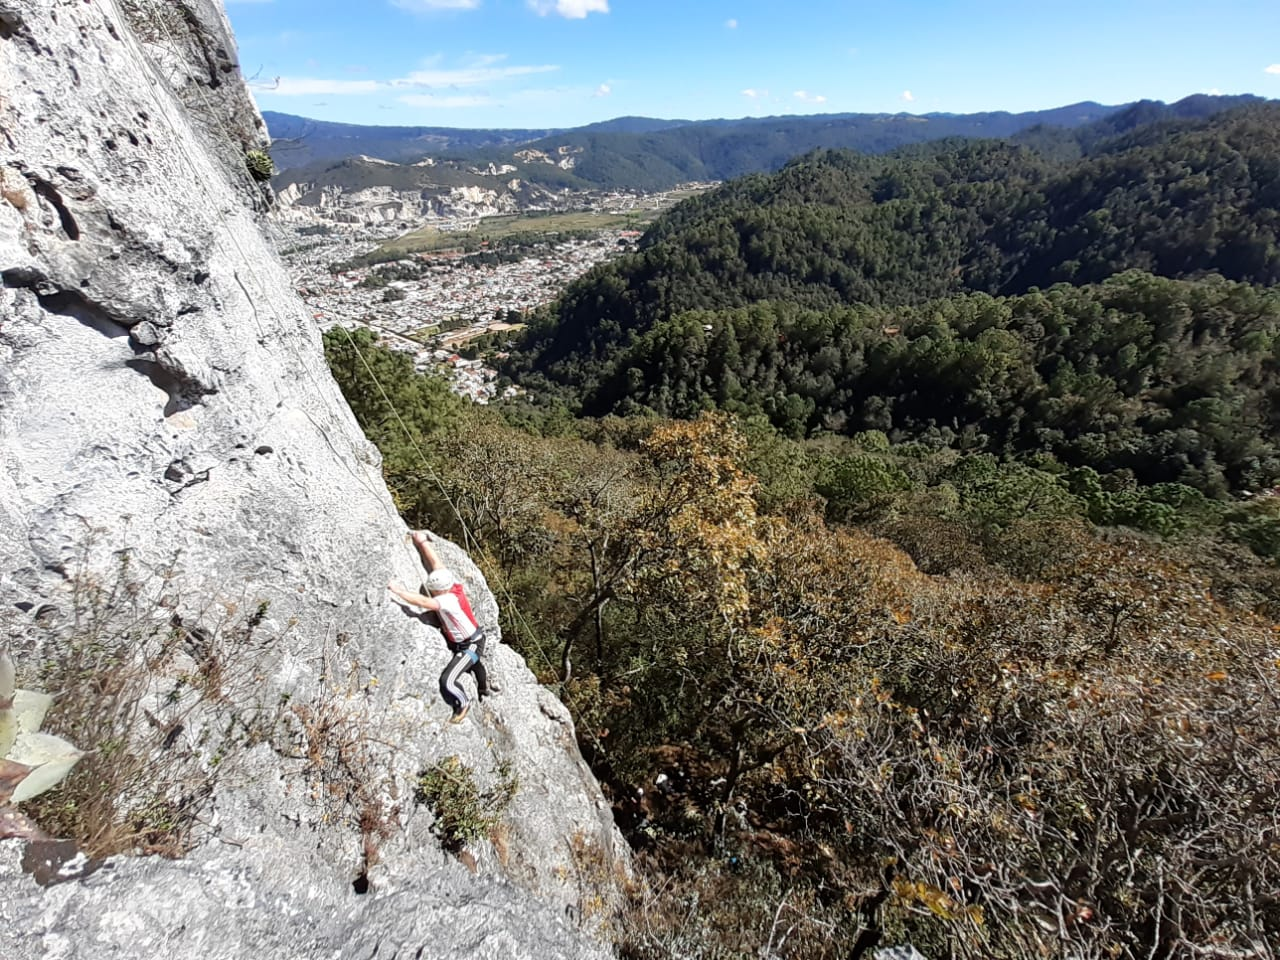 Lustrumreis Mexico San Cristobal de las Casas Rock Climbing 1